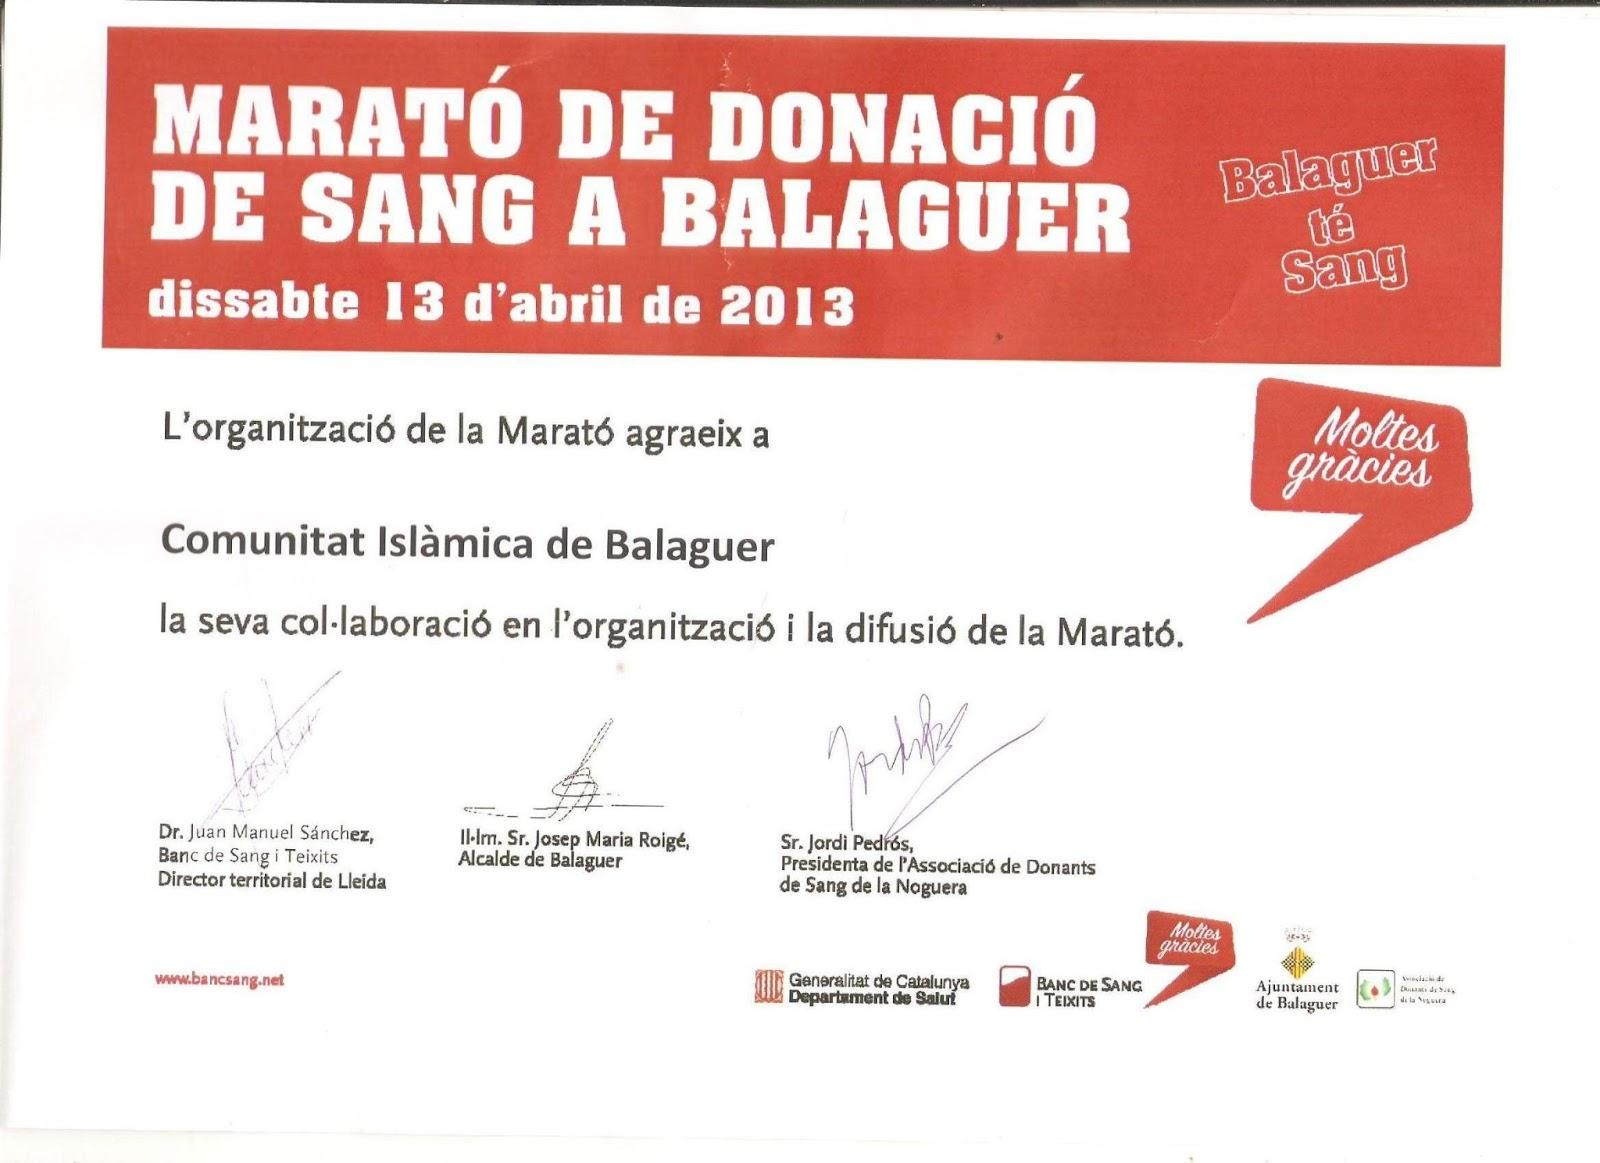 La Comunidad Islámica de Balaguer recibe un certificado de agradecimiento por su participación en el Maraton de Donación de Sangre